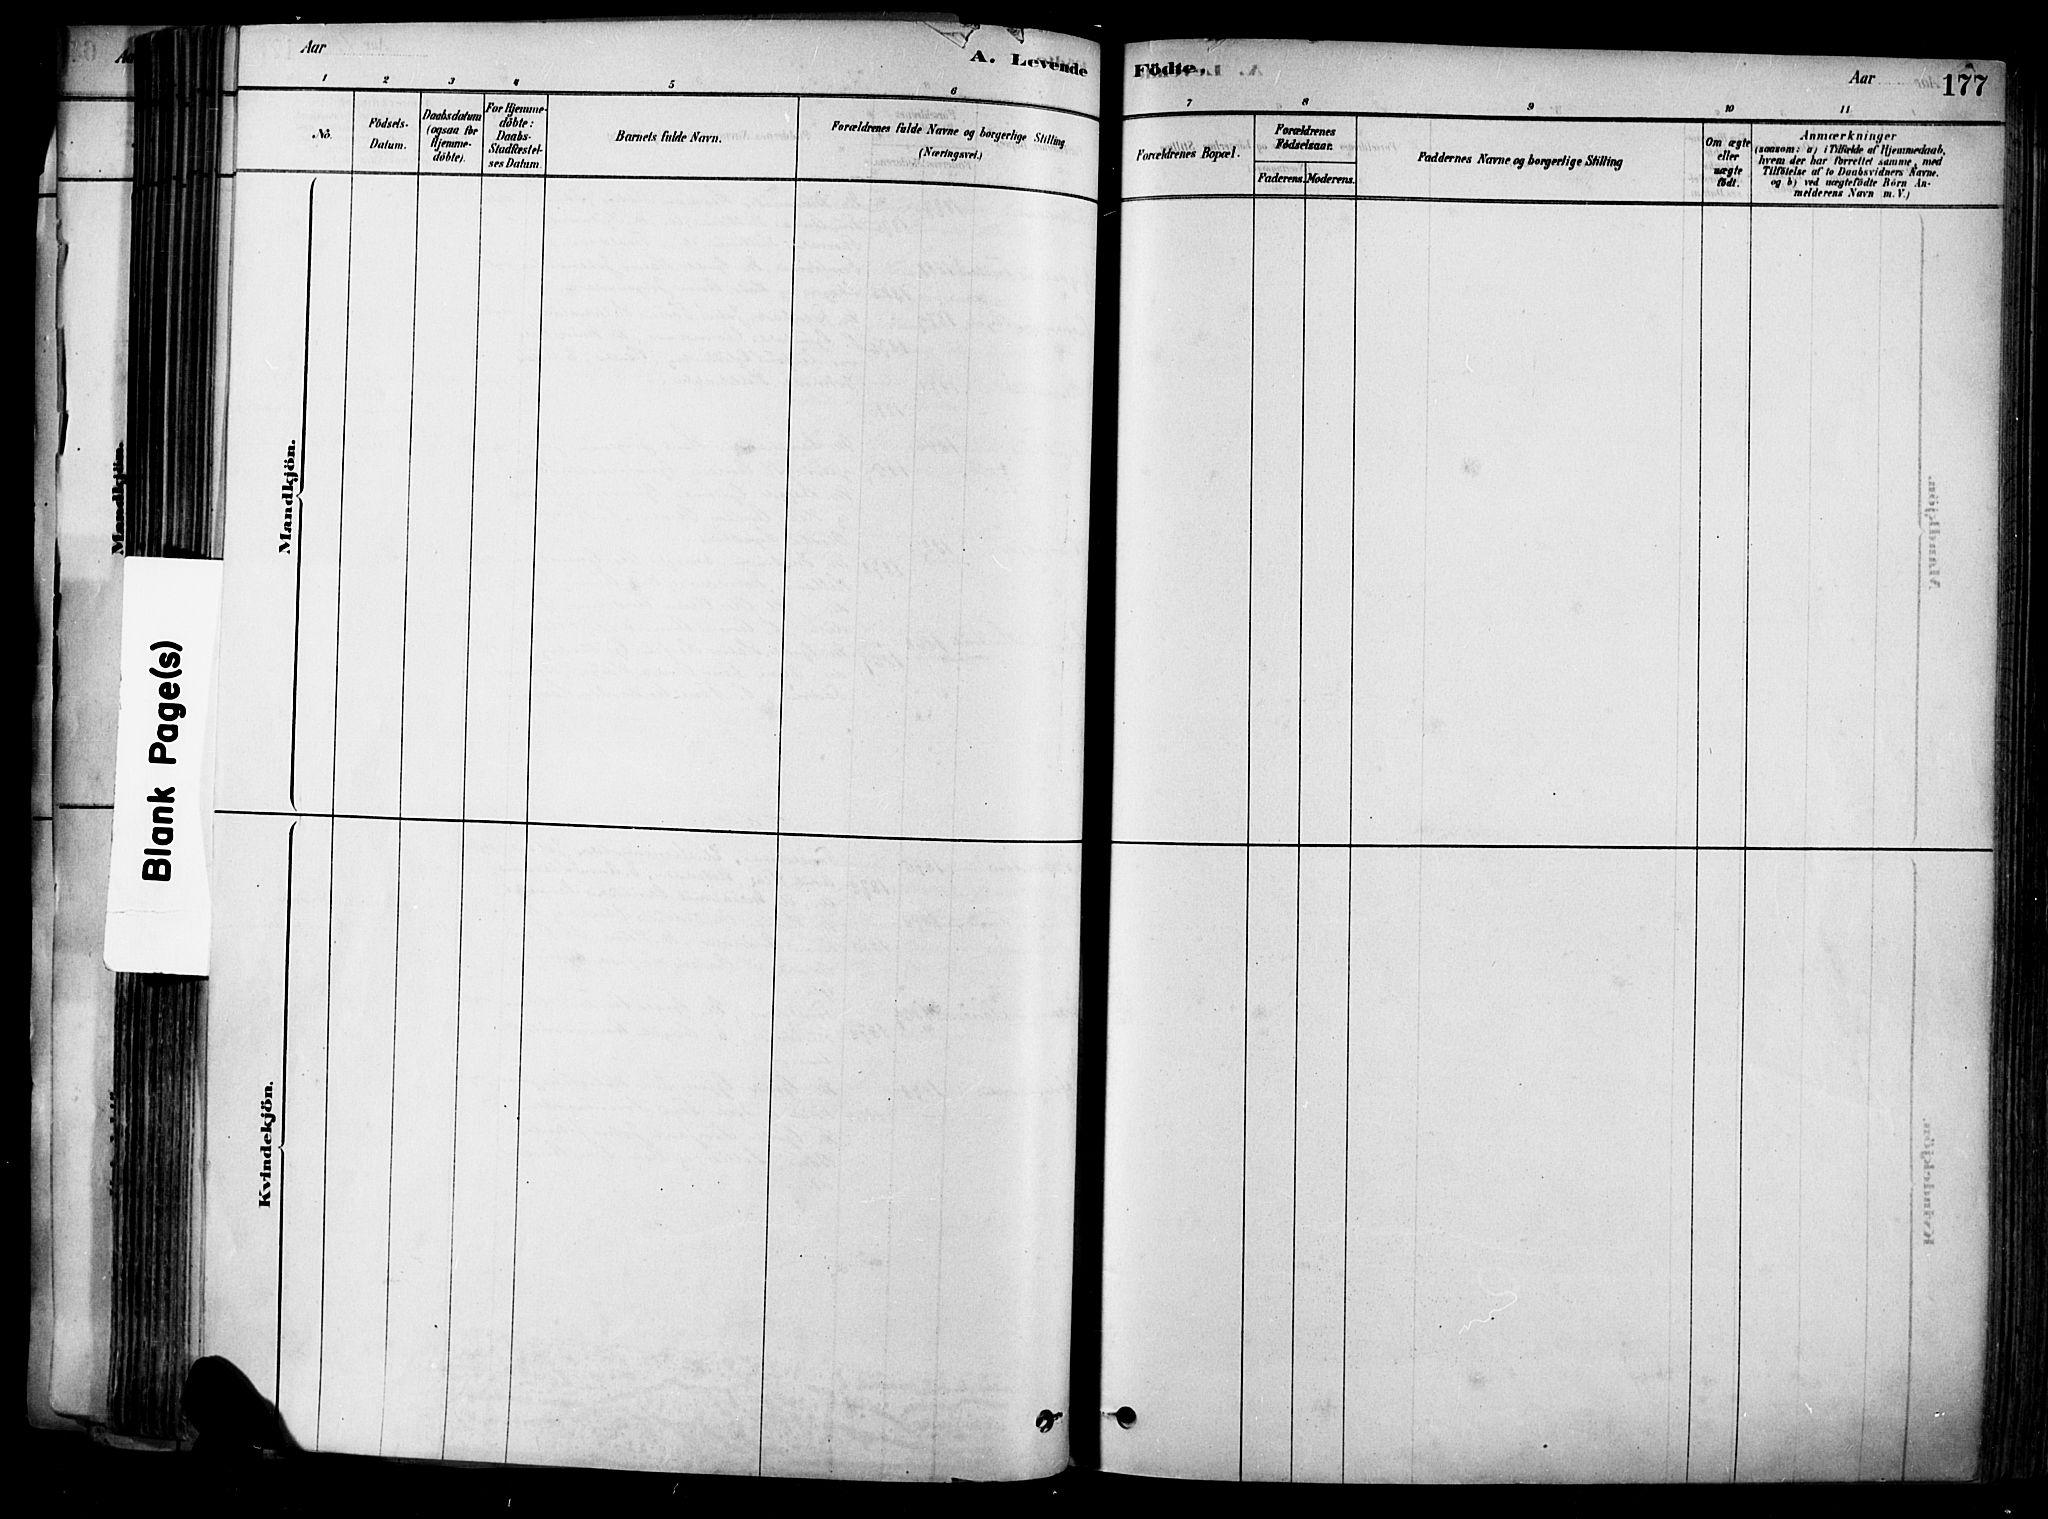 SAKO, Heddal kirkebøker, F/Fa/L0008: Ministerialbok nr. I 8, 1878-1903, s. 177